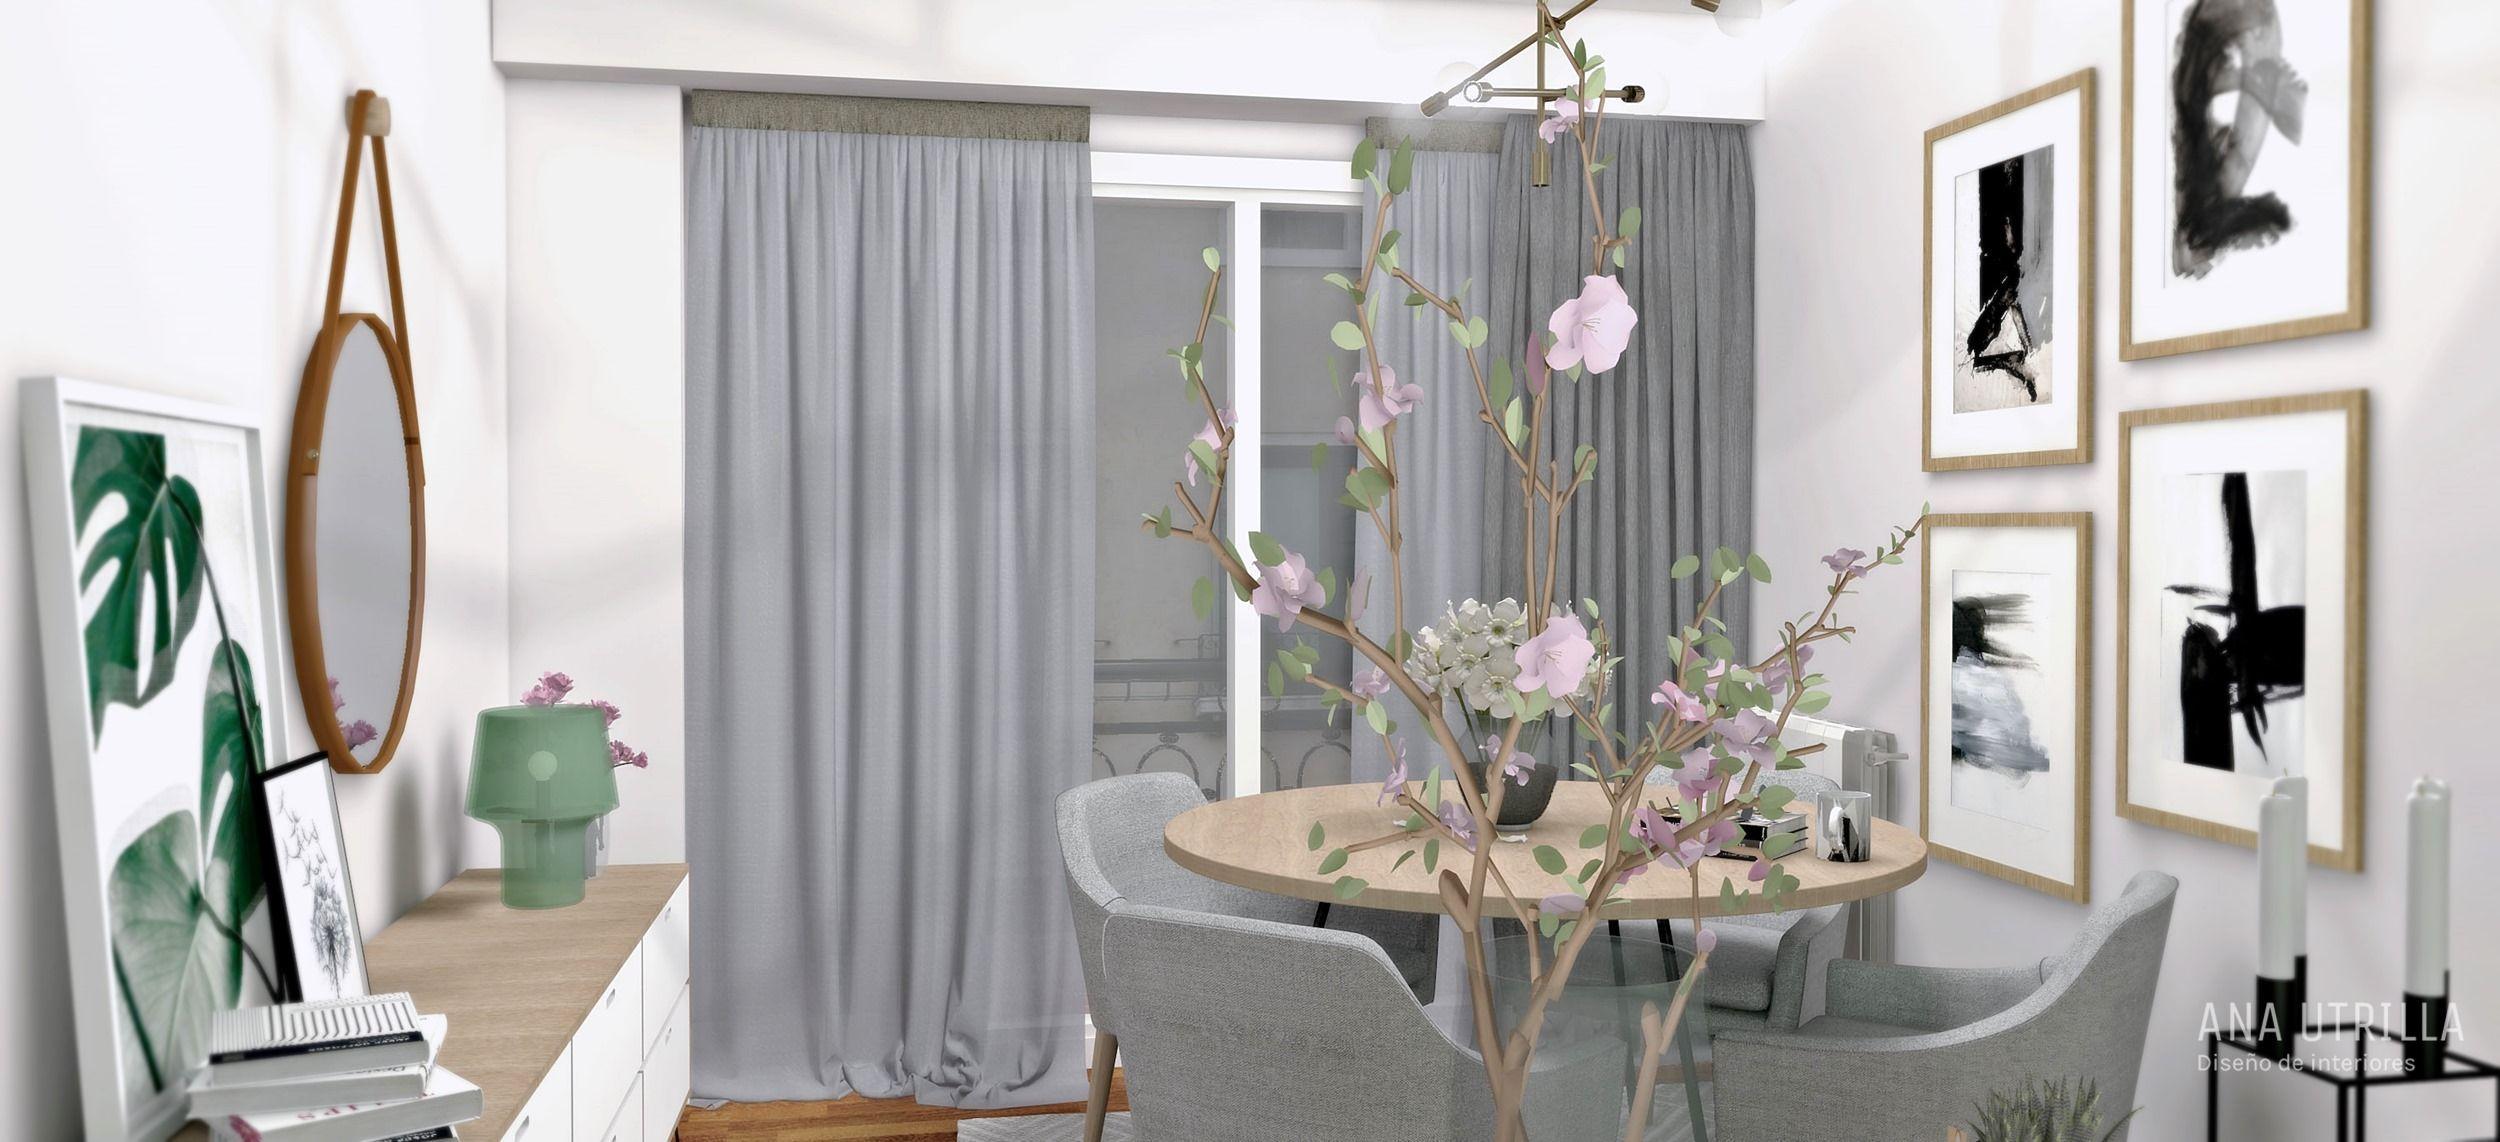 Proyecto de diseño de interiores online de vivienda en Ourense por Ana Utrilla